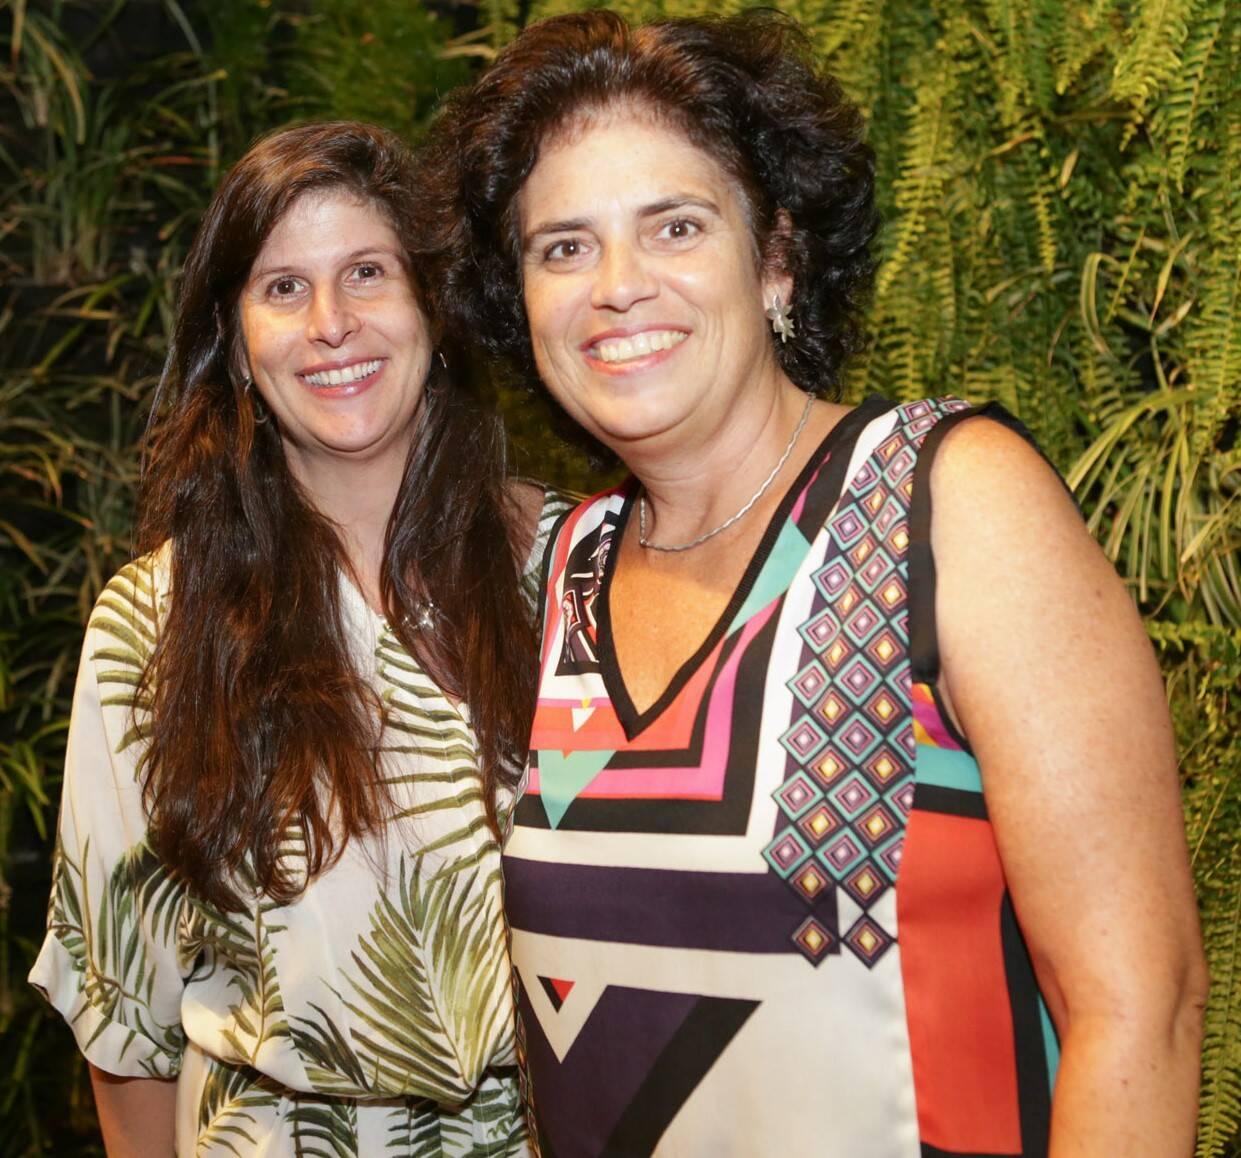 Karen Breitman e Dafne Horovitz   /Foto: Gianne Carvalho